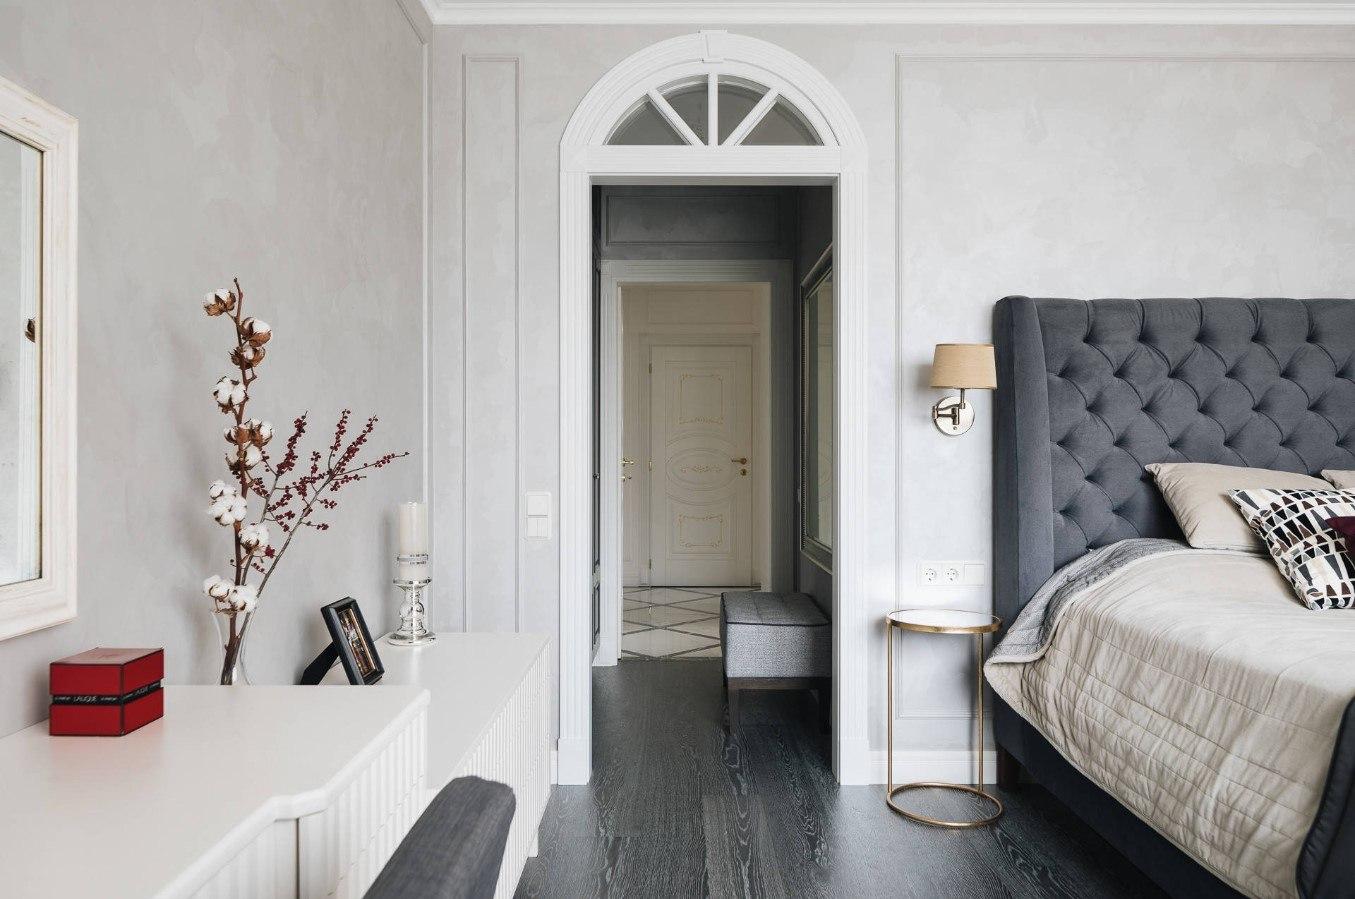 Rivestire Un Arco In Legno interior arch - splendidi esempi nella creazione di interni